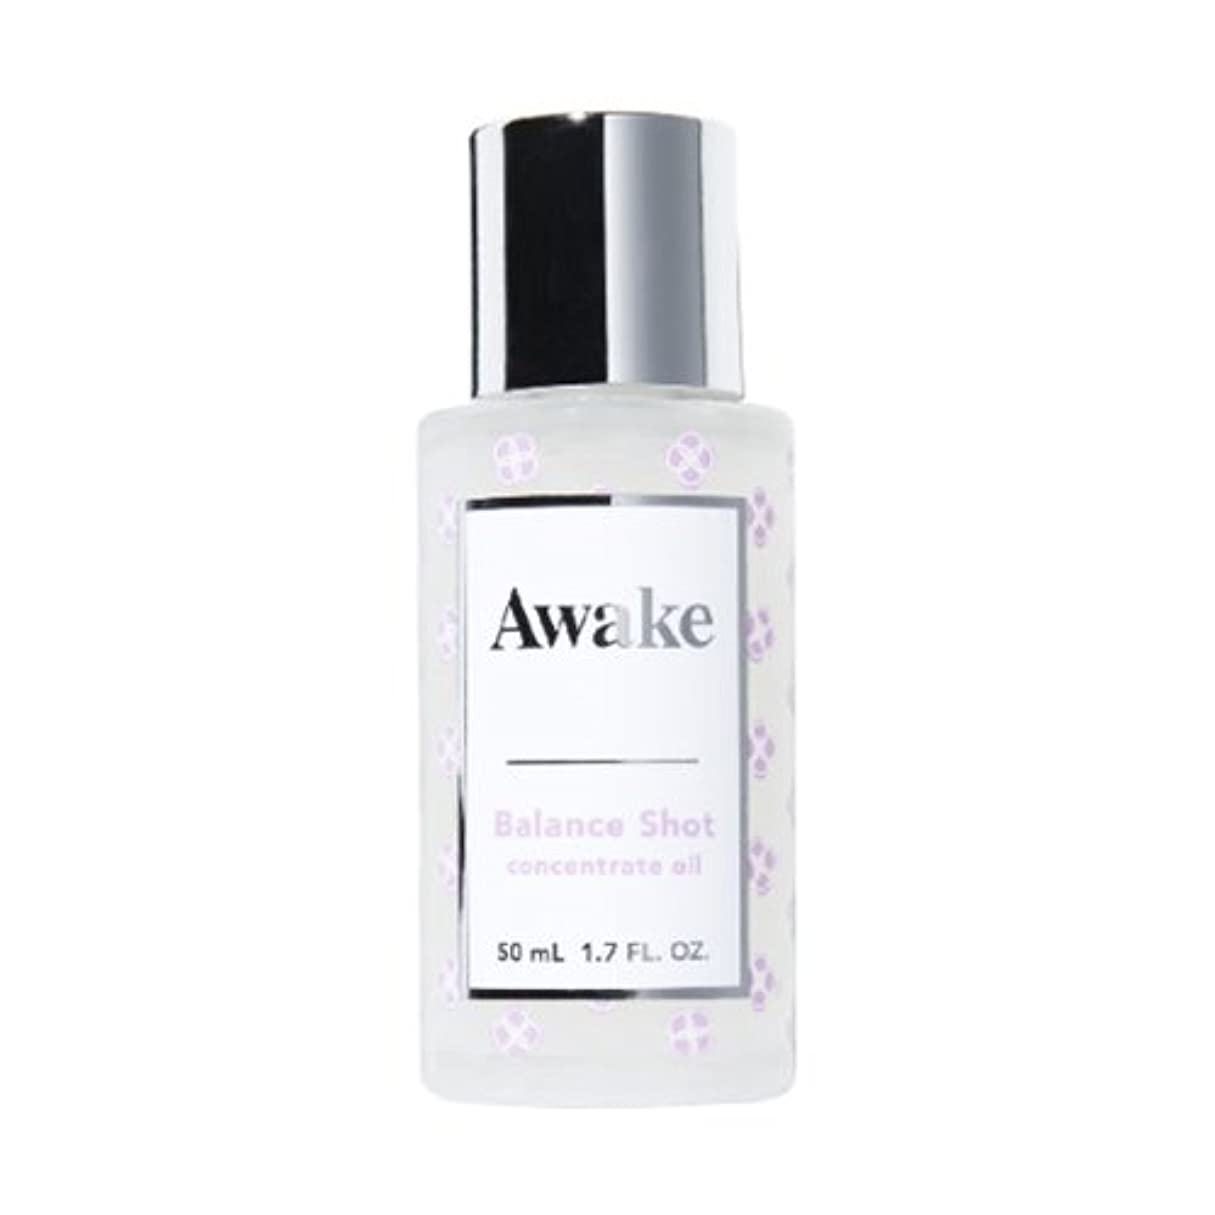 ベリリハーサル苦しむアウェイク(AWAKE) Awake(アウェイク) バランスショット コ ンセントレイトオイル 〈美容オイル〉 (50mL)